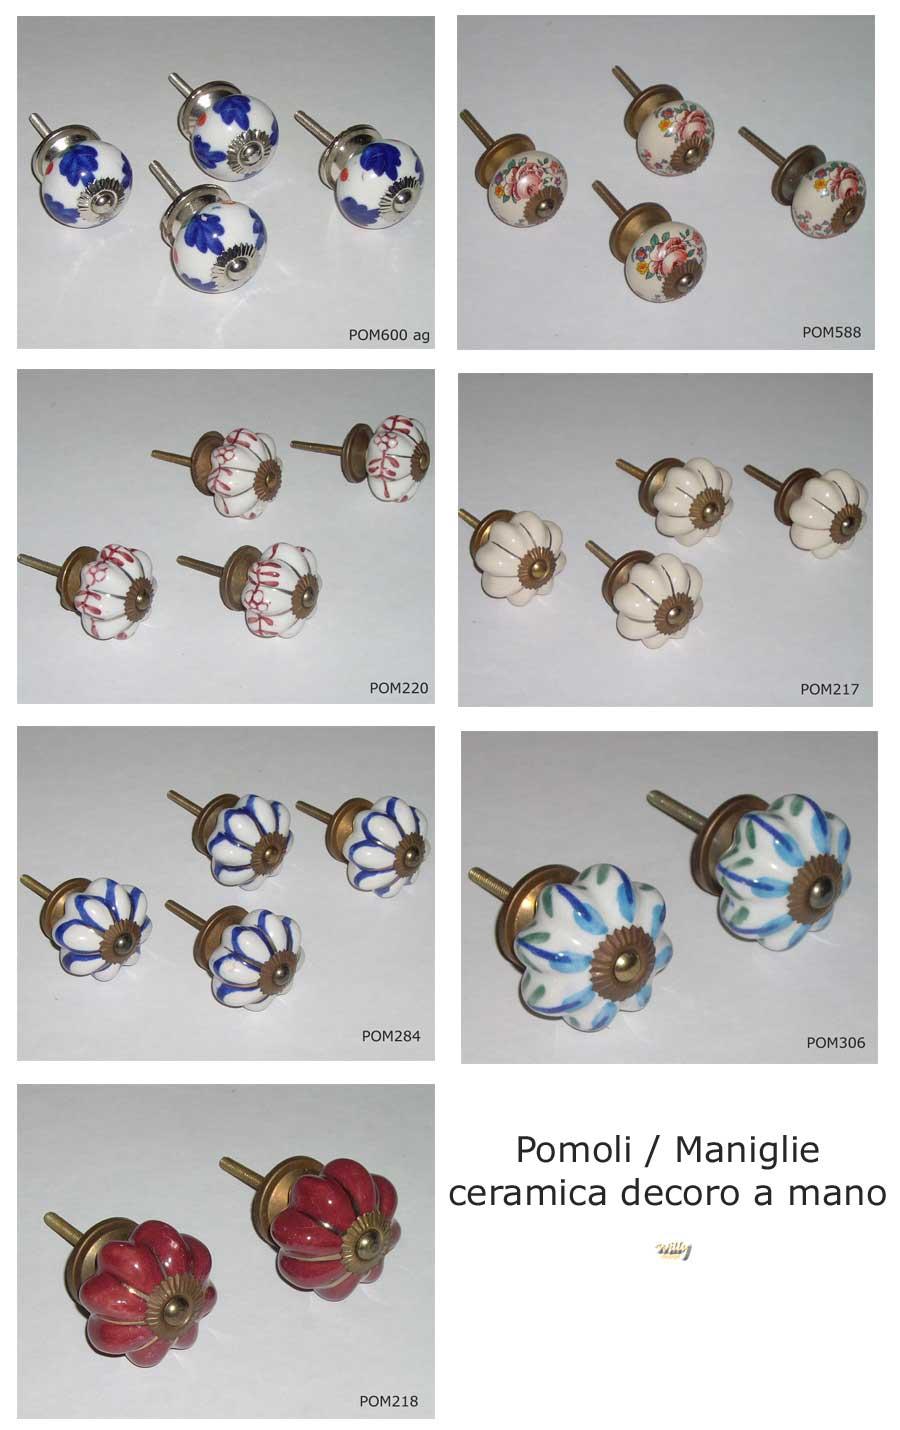 Pomelli ceramica tutte le offerte cascare a fagiolo for Maniglie mobili bagno